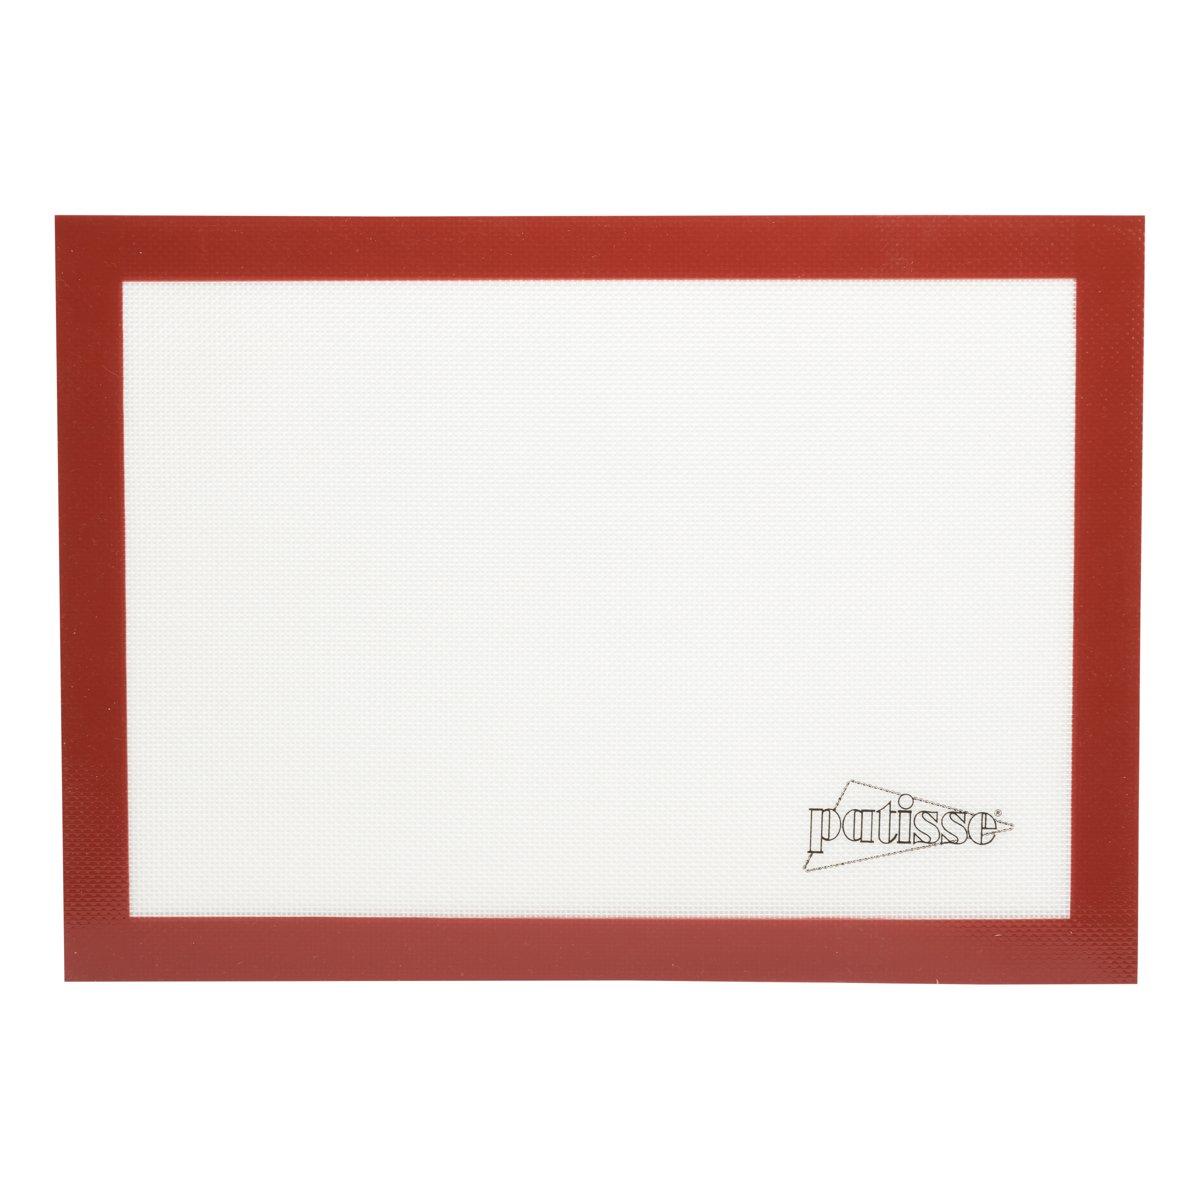 Siliconen bakmat 52 x 32 cm kopen